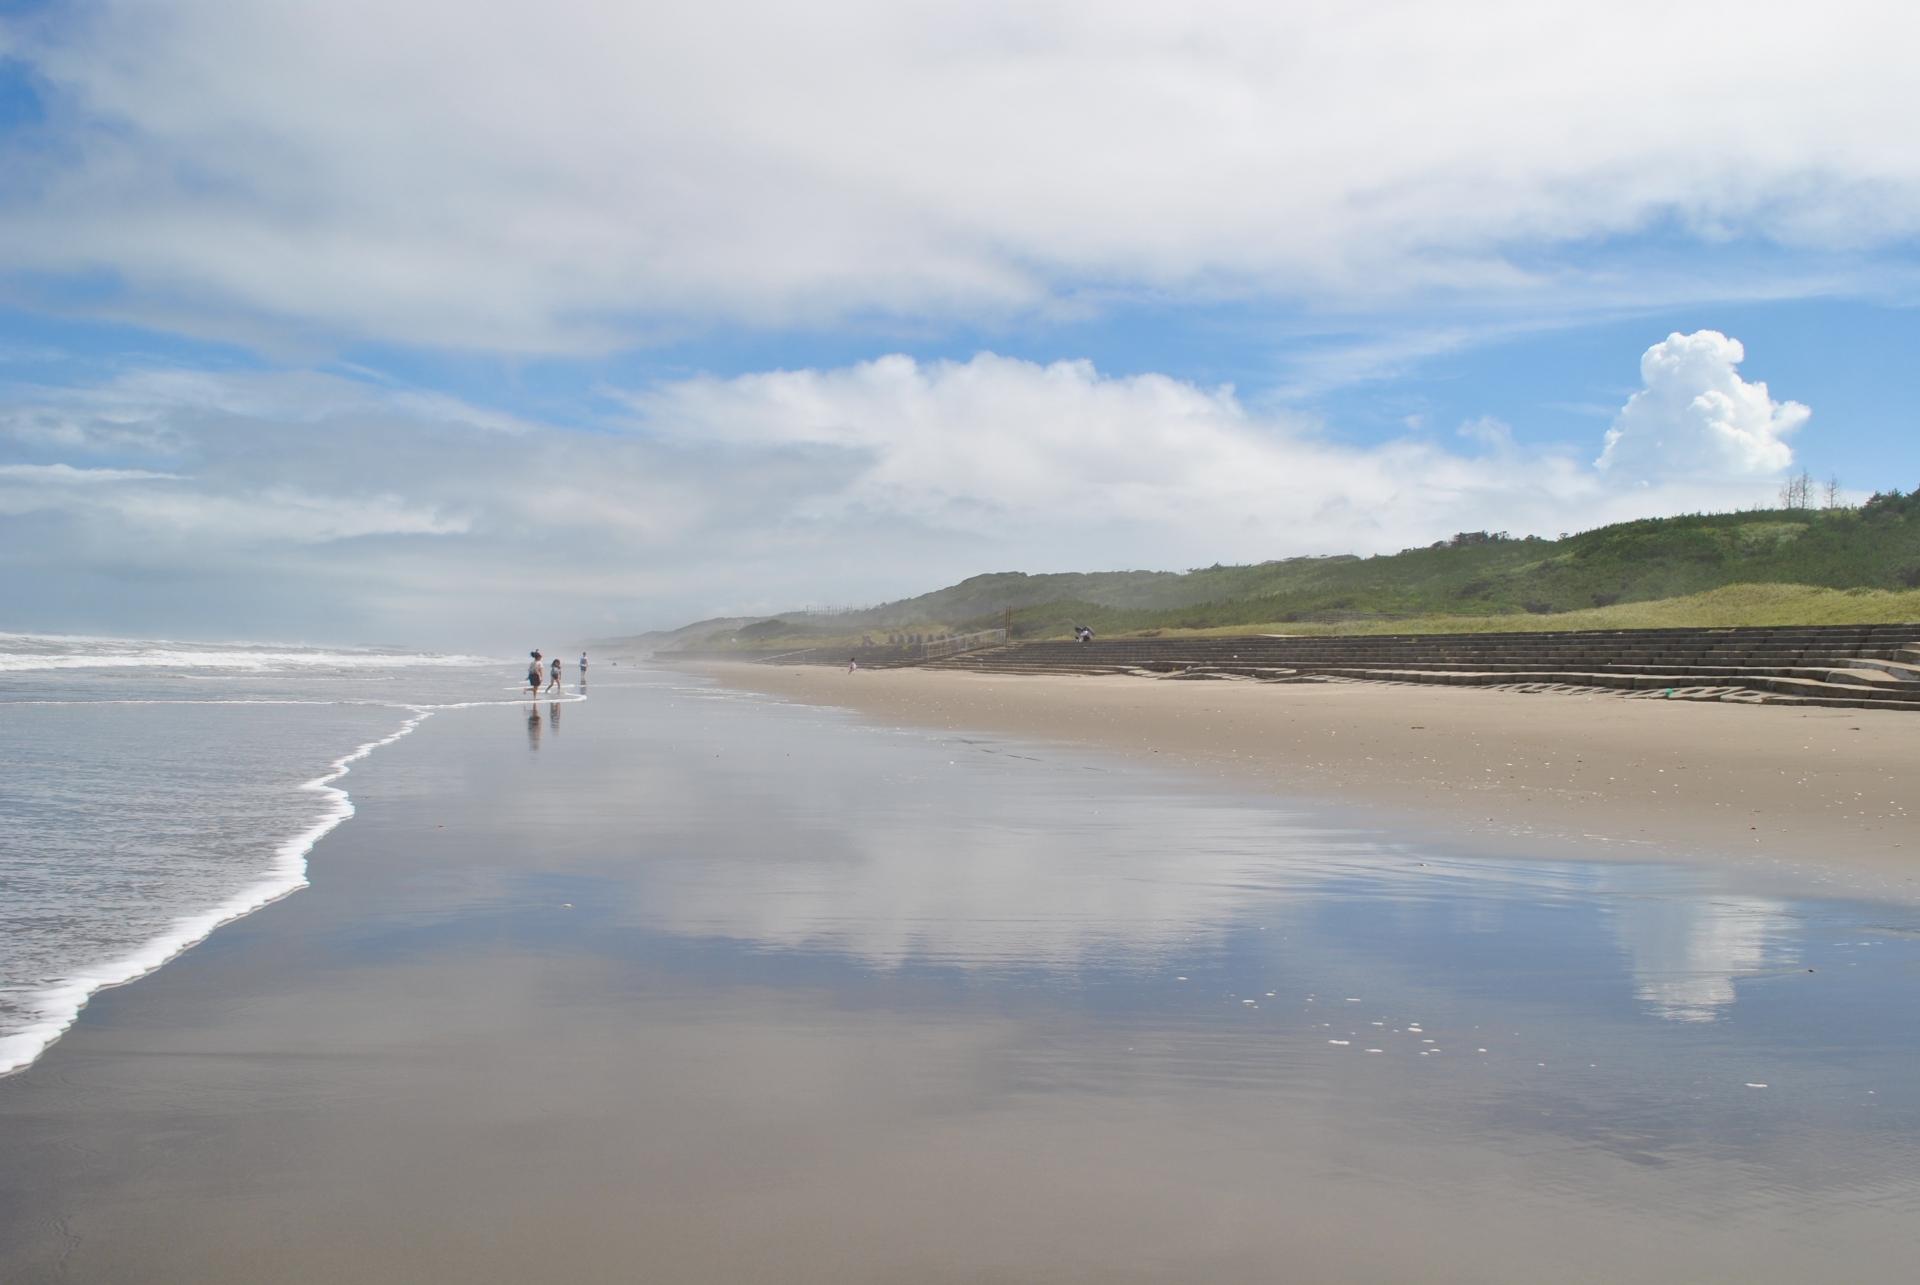 茨城県の鹿島灘:鉾田市の海岸線(大竹海岸)